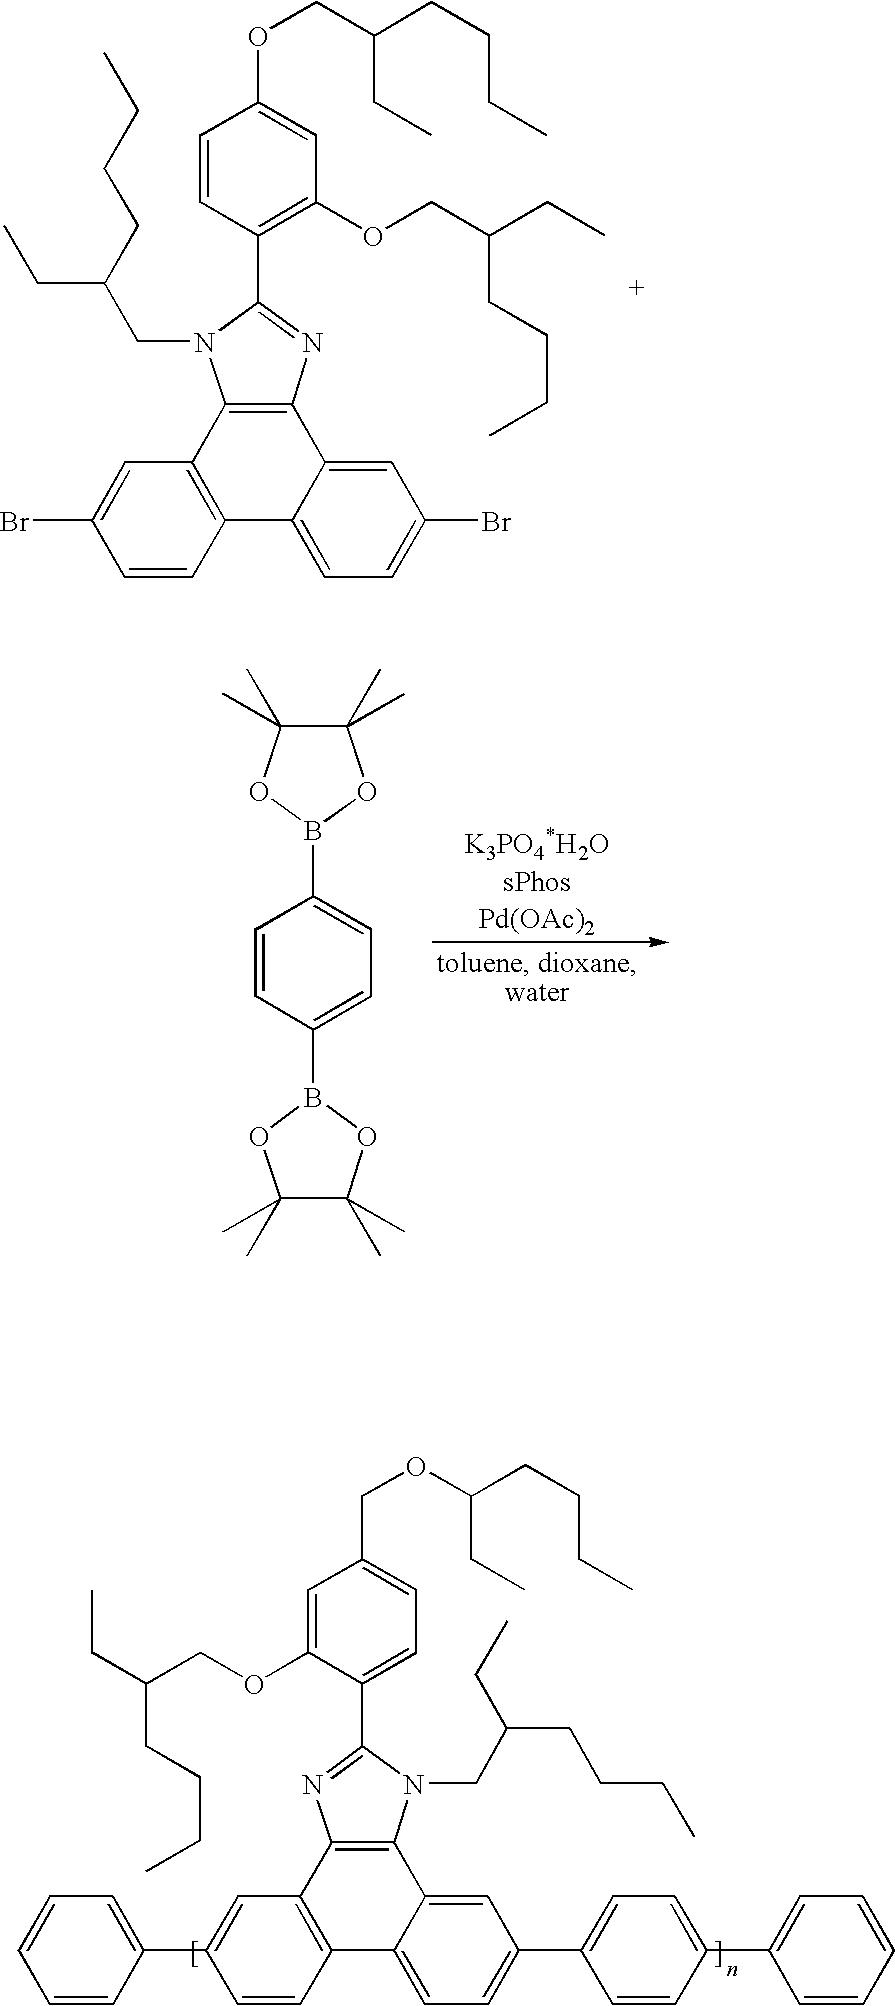 Figure US20090105447A1-20090423-C00169